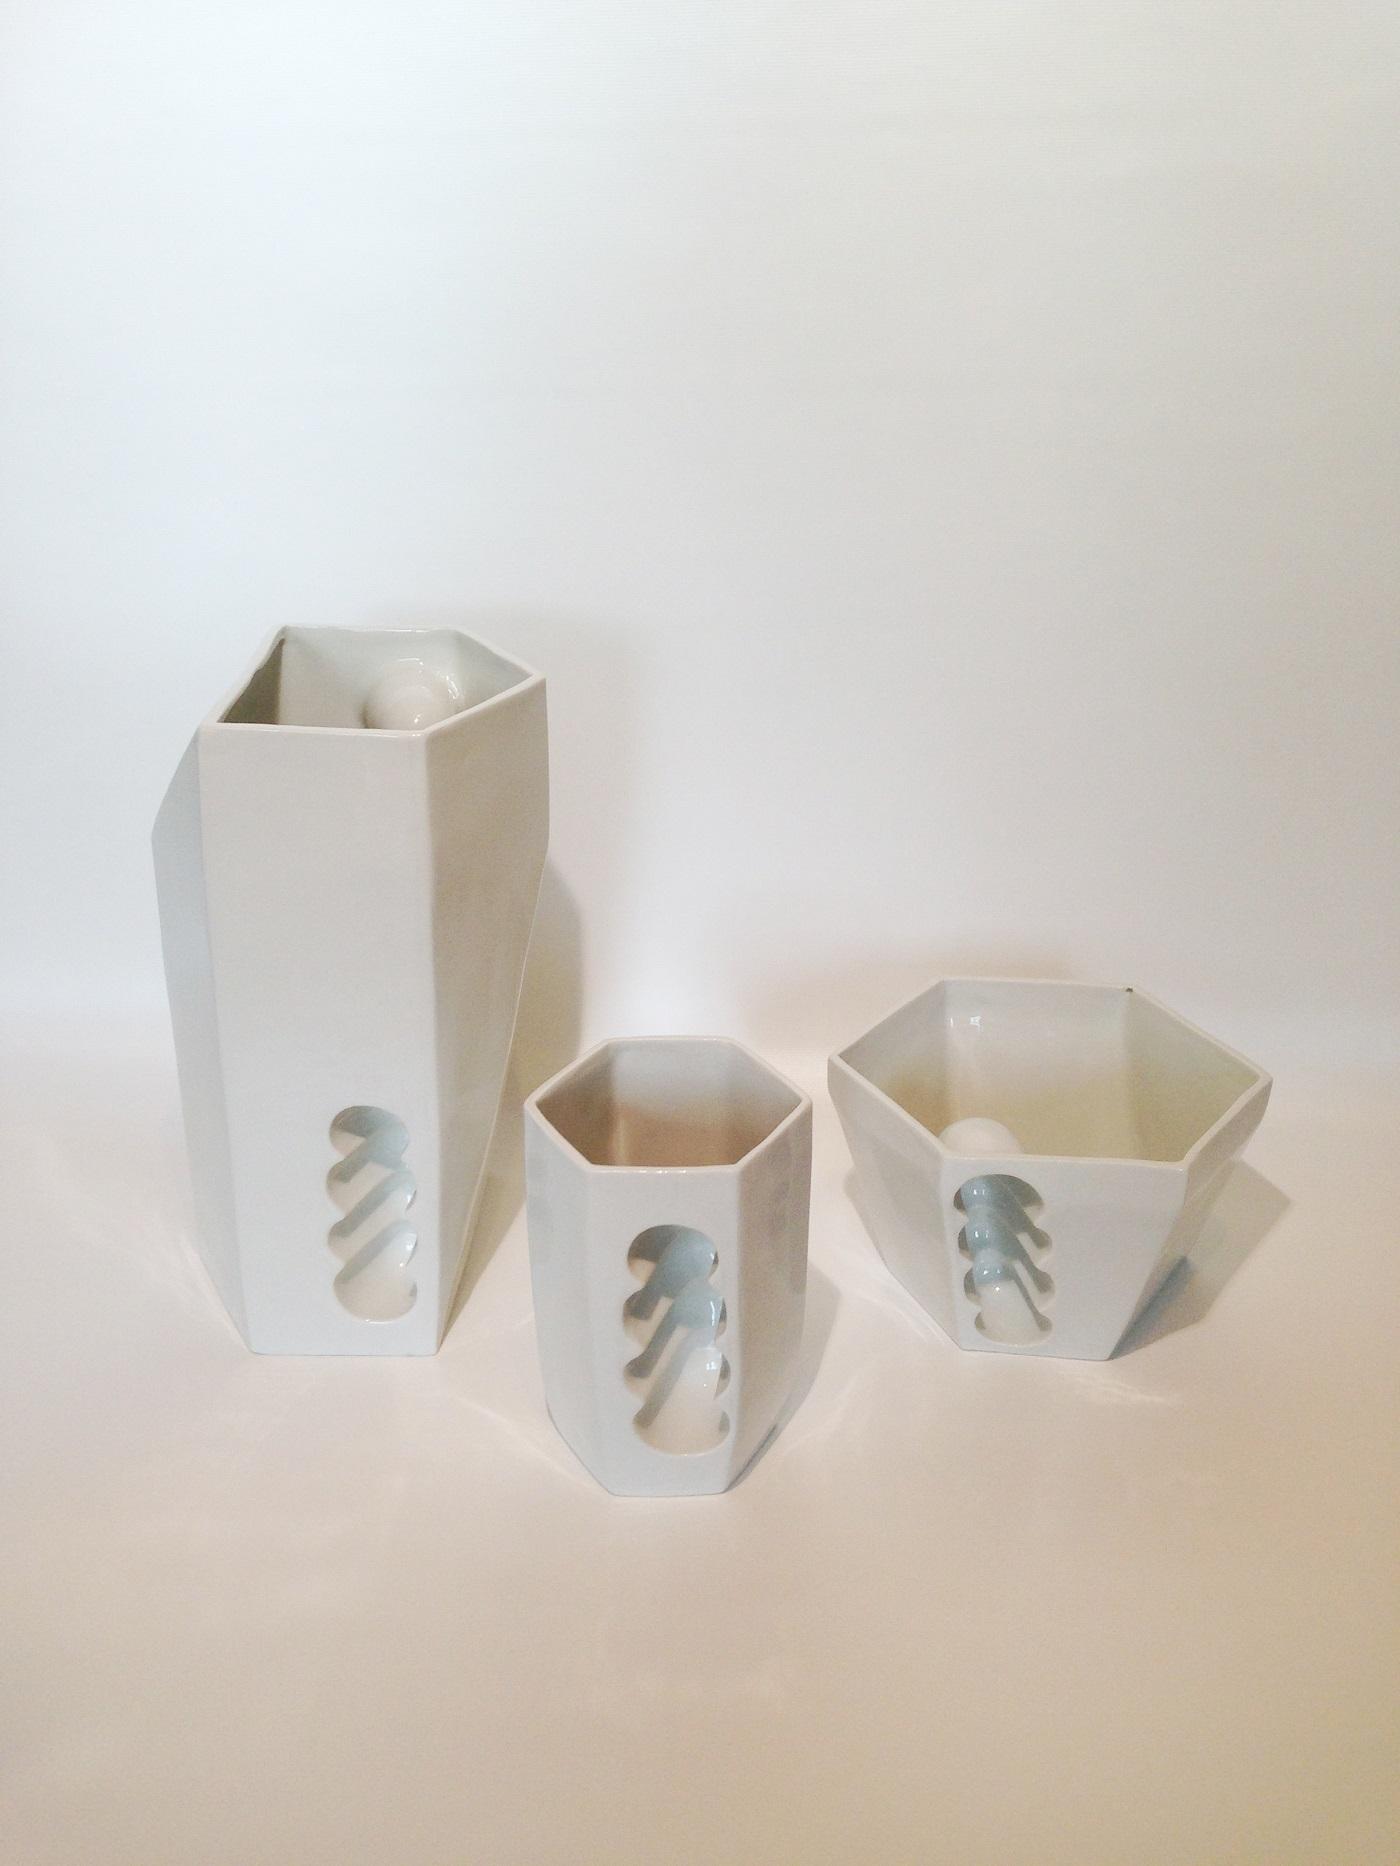 Porselein servies Wanten van Studio Roel Beurskens in wit